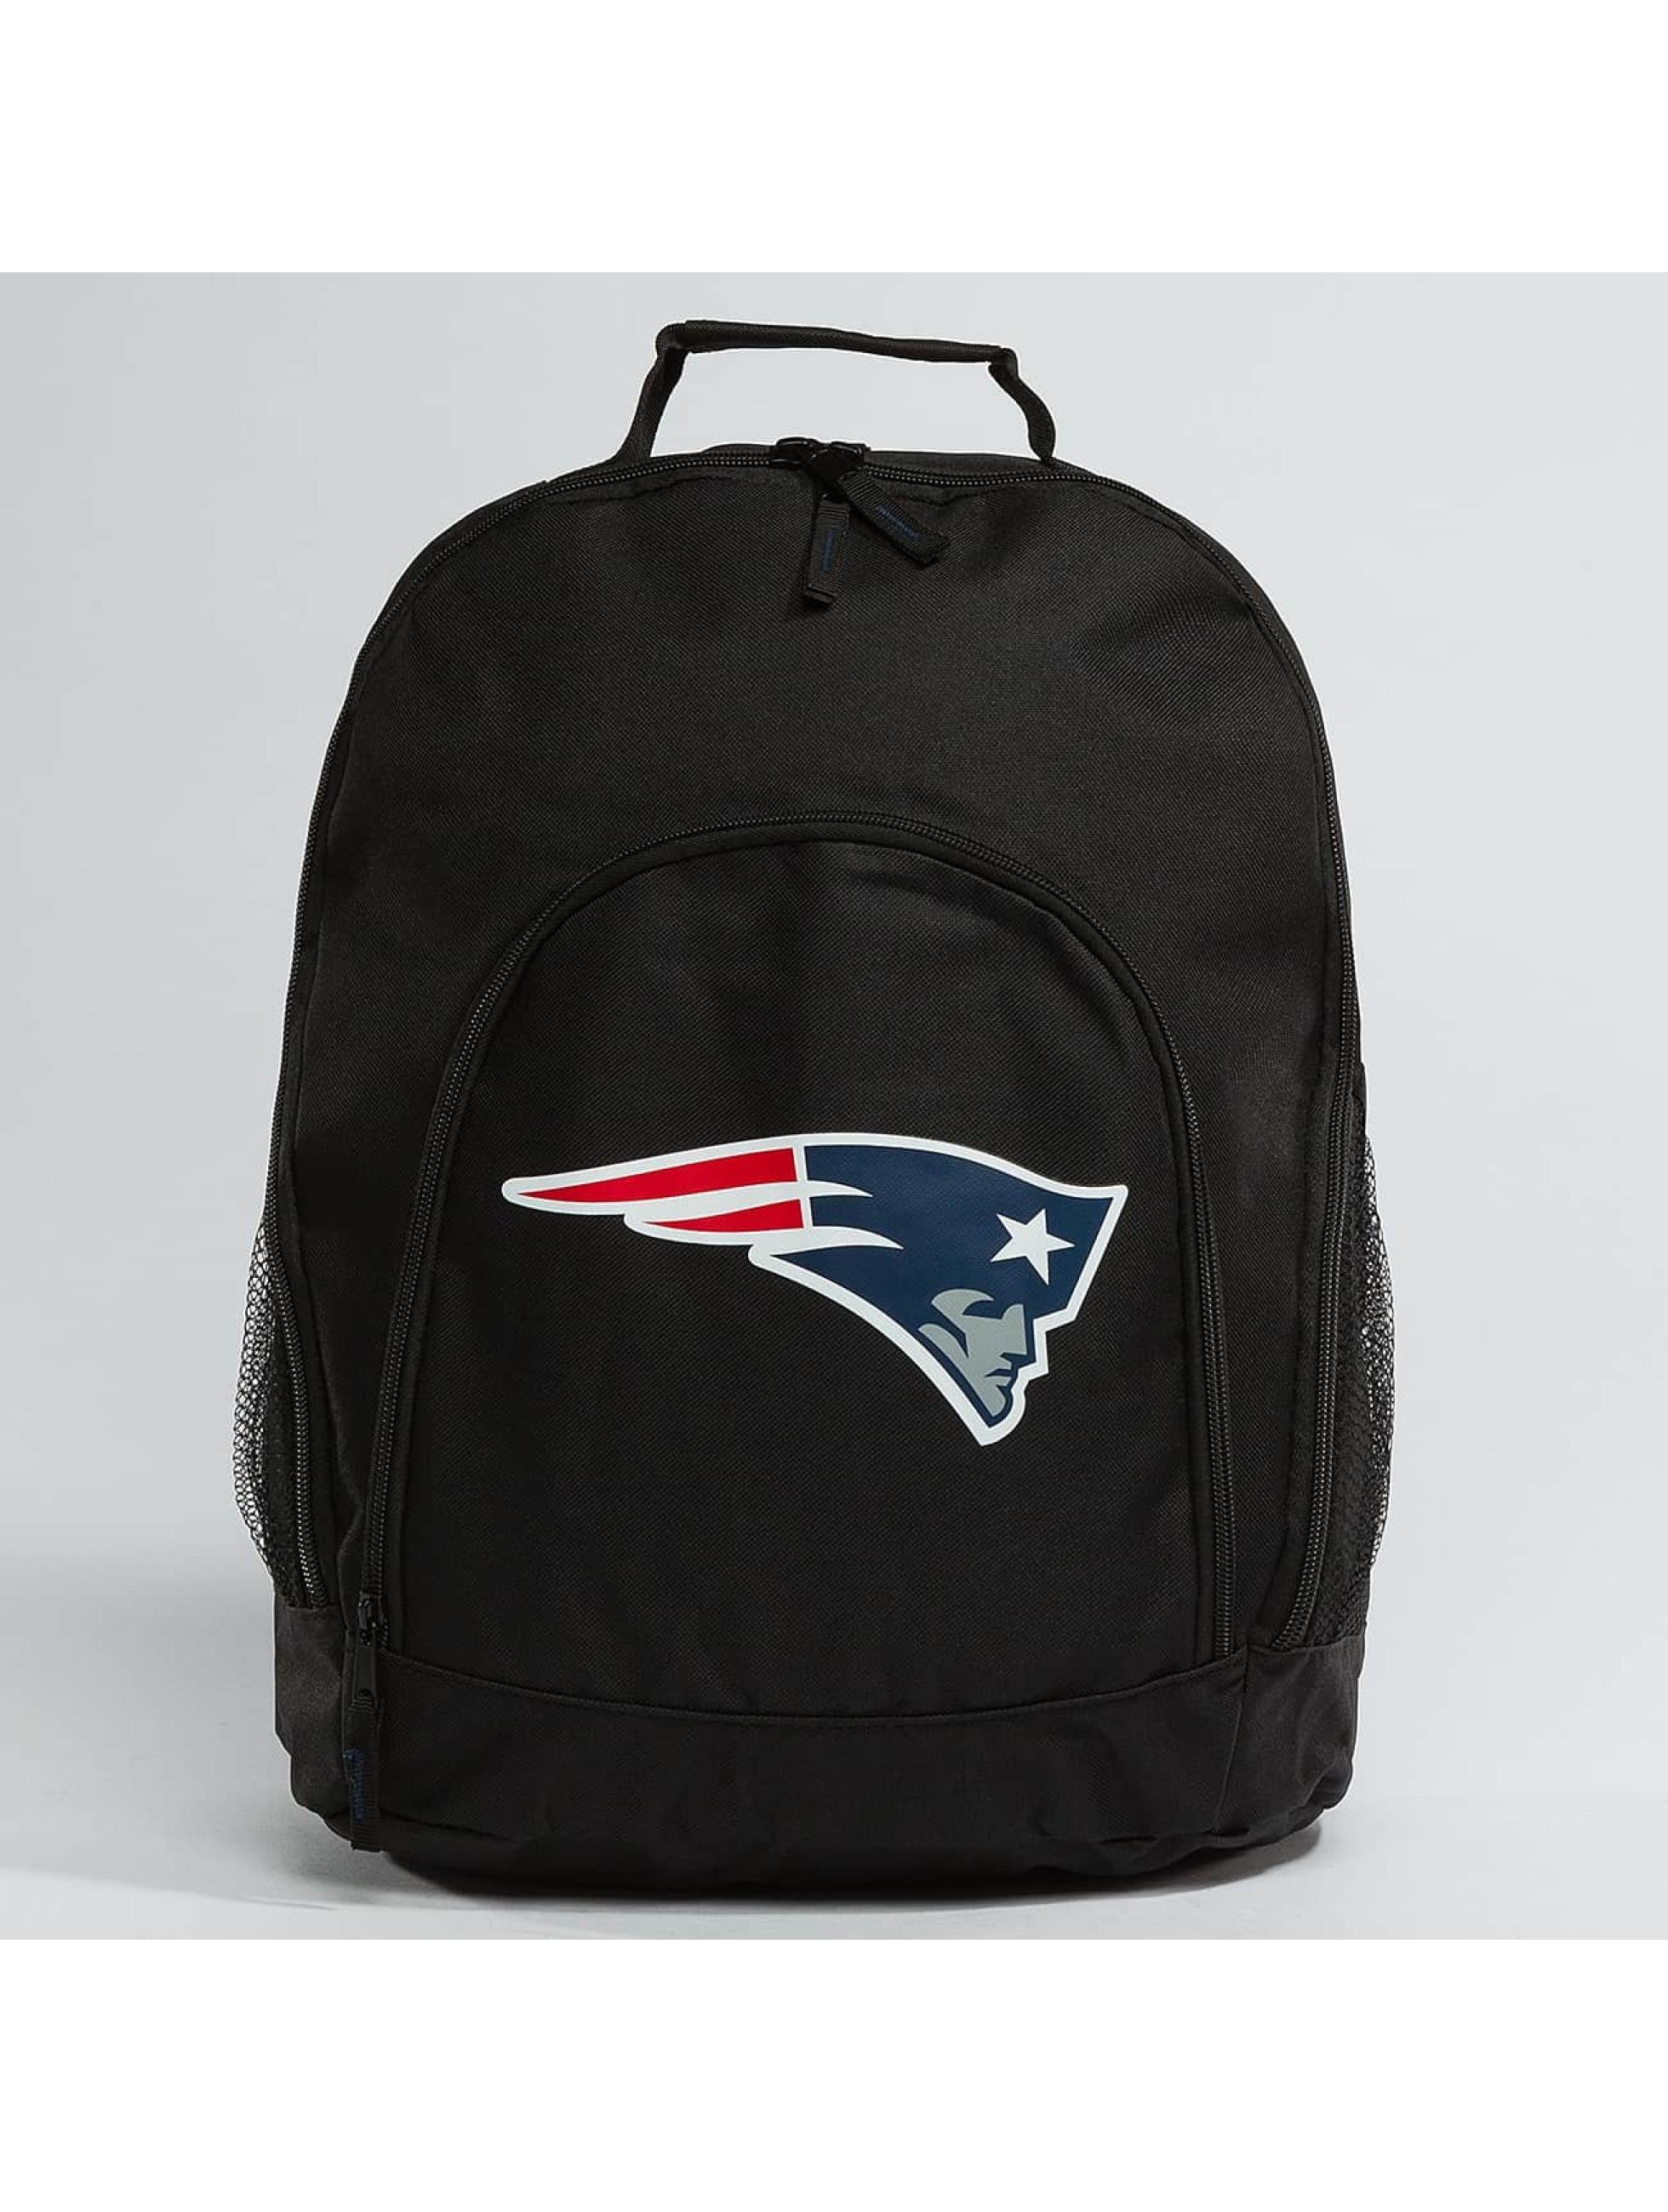 Forever Collectibles Männer,Frauen Rucksack NFL New England Patriots in schwarz